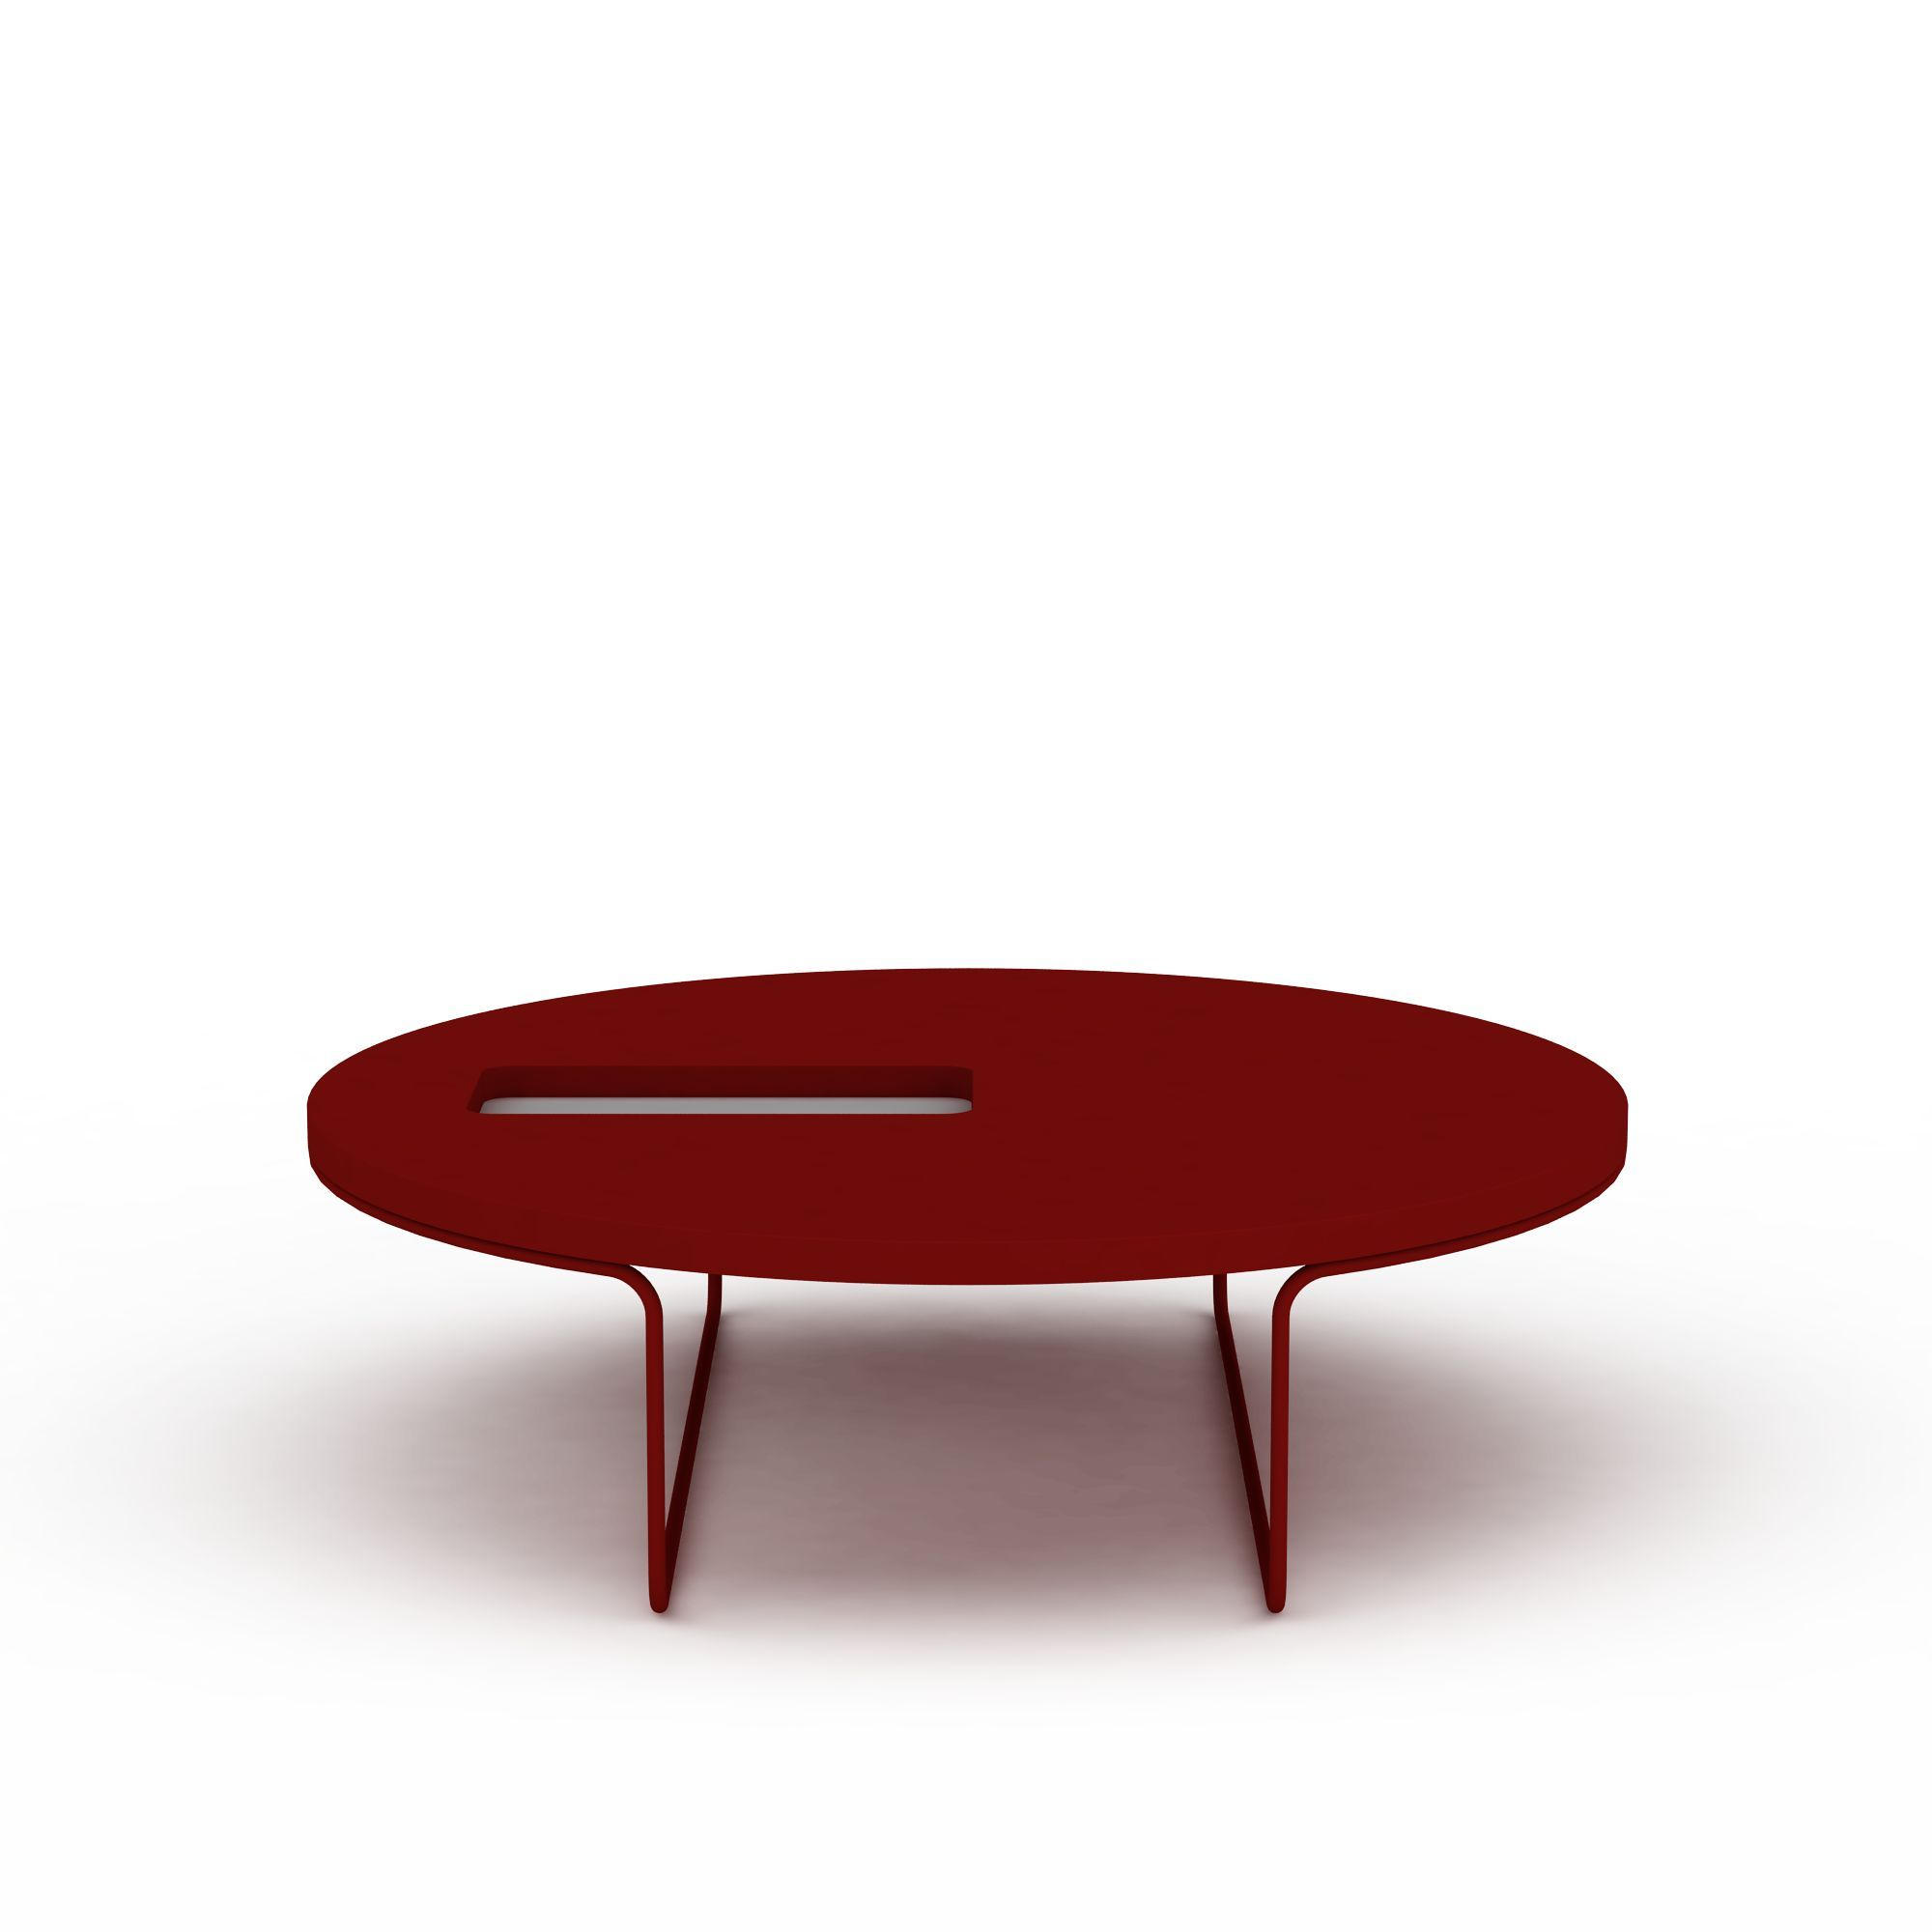 圆形桌子高清图下载